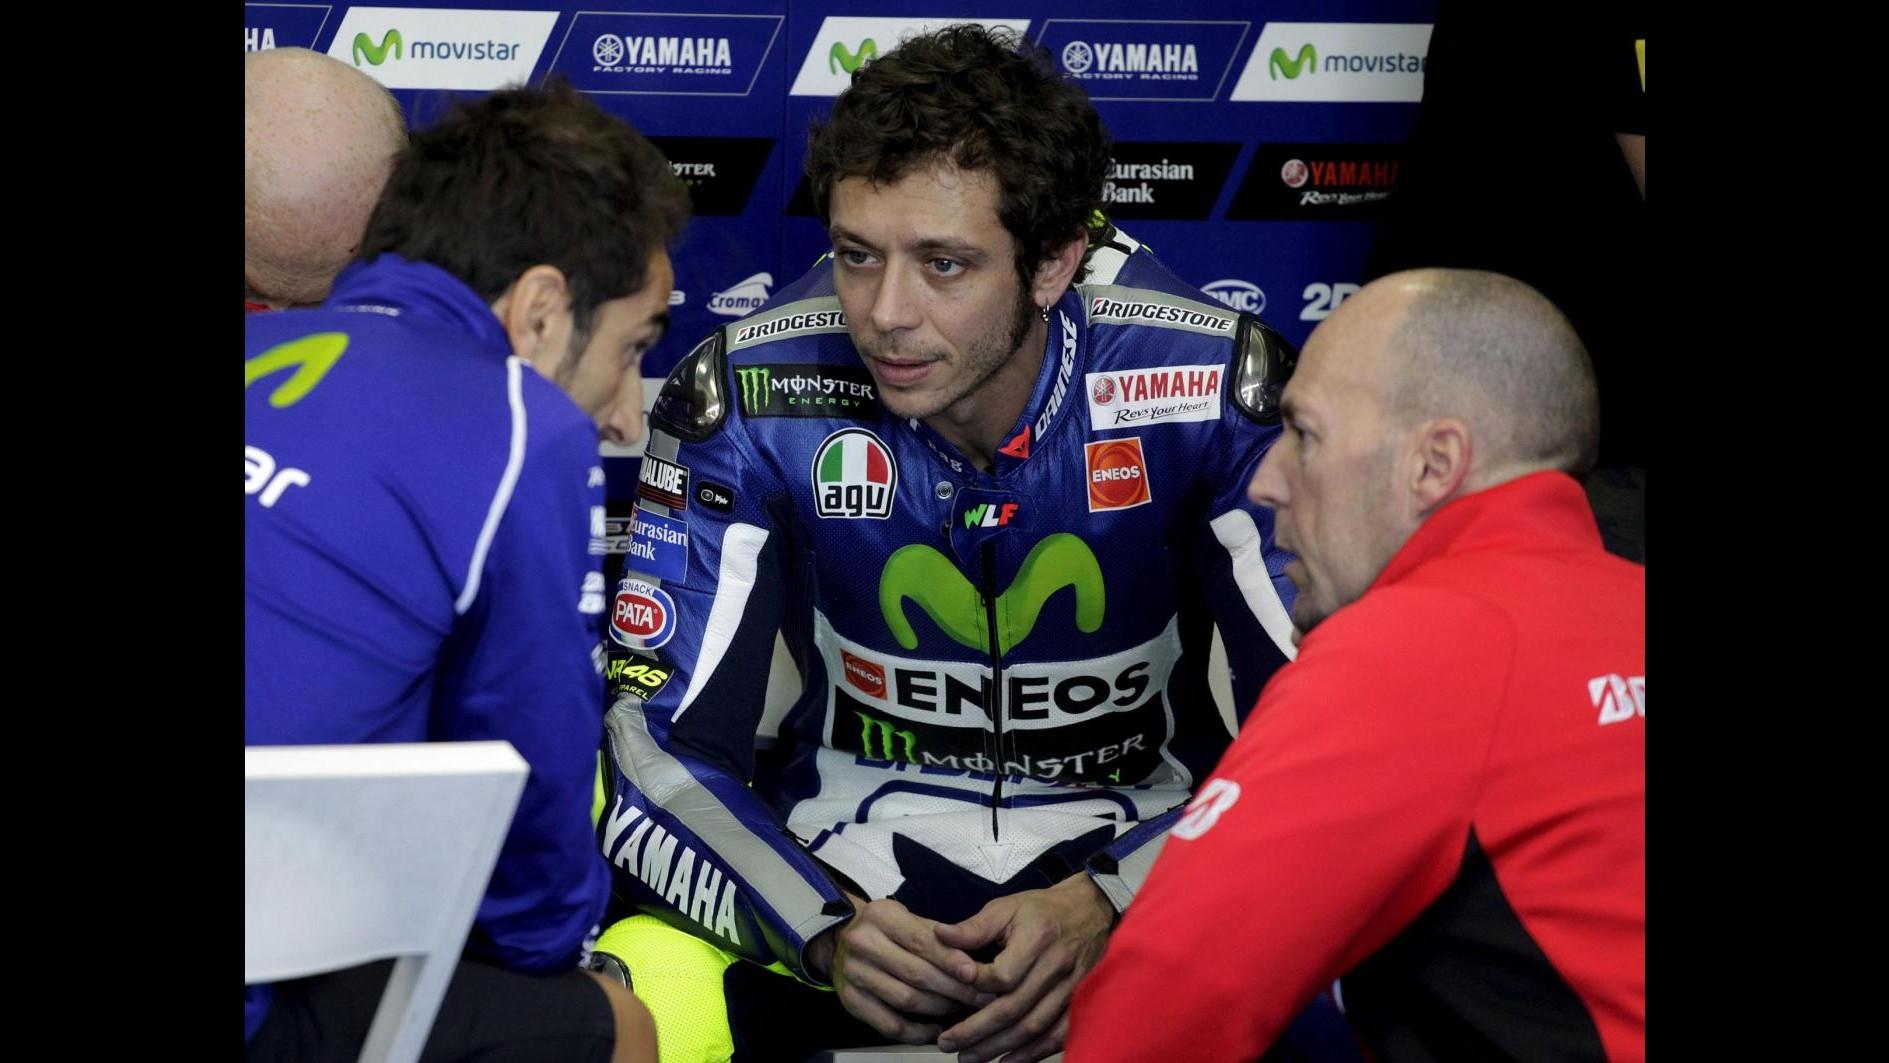 MotoGp, Rossi: Lorenzo e Marquez hanno fatto un 'biscottone'